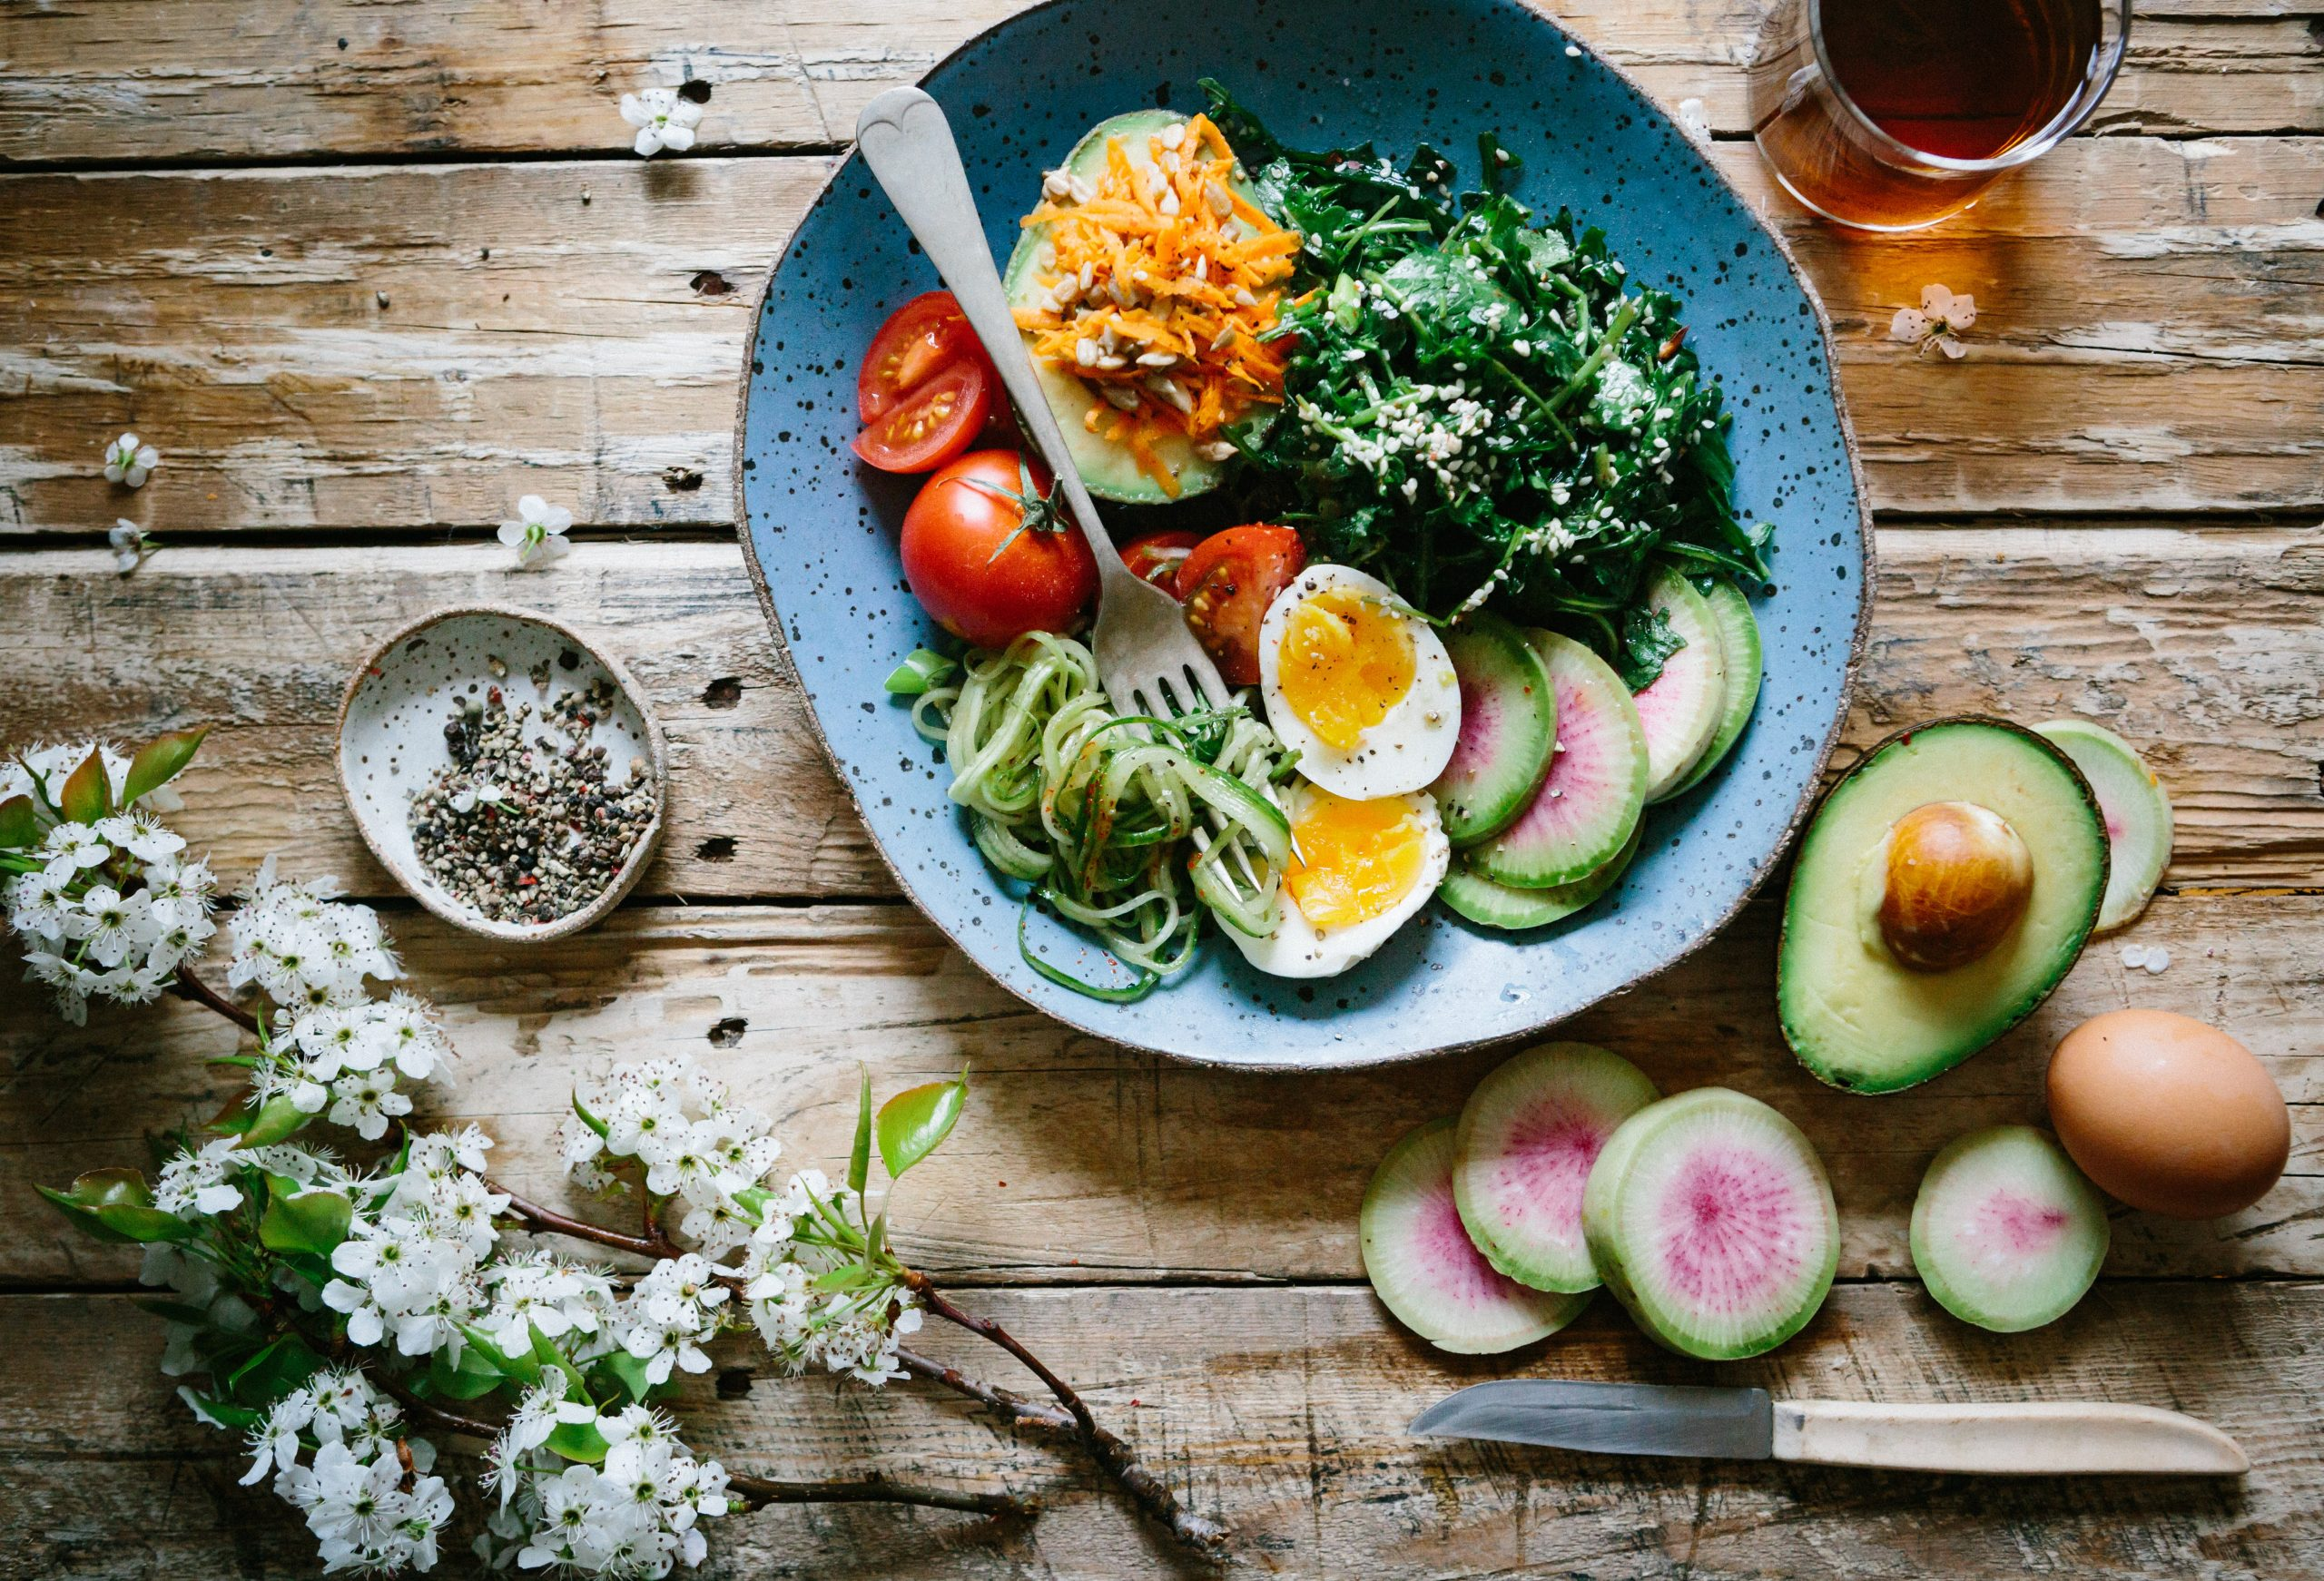 Varios alimentos en plato